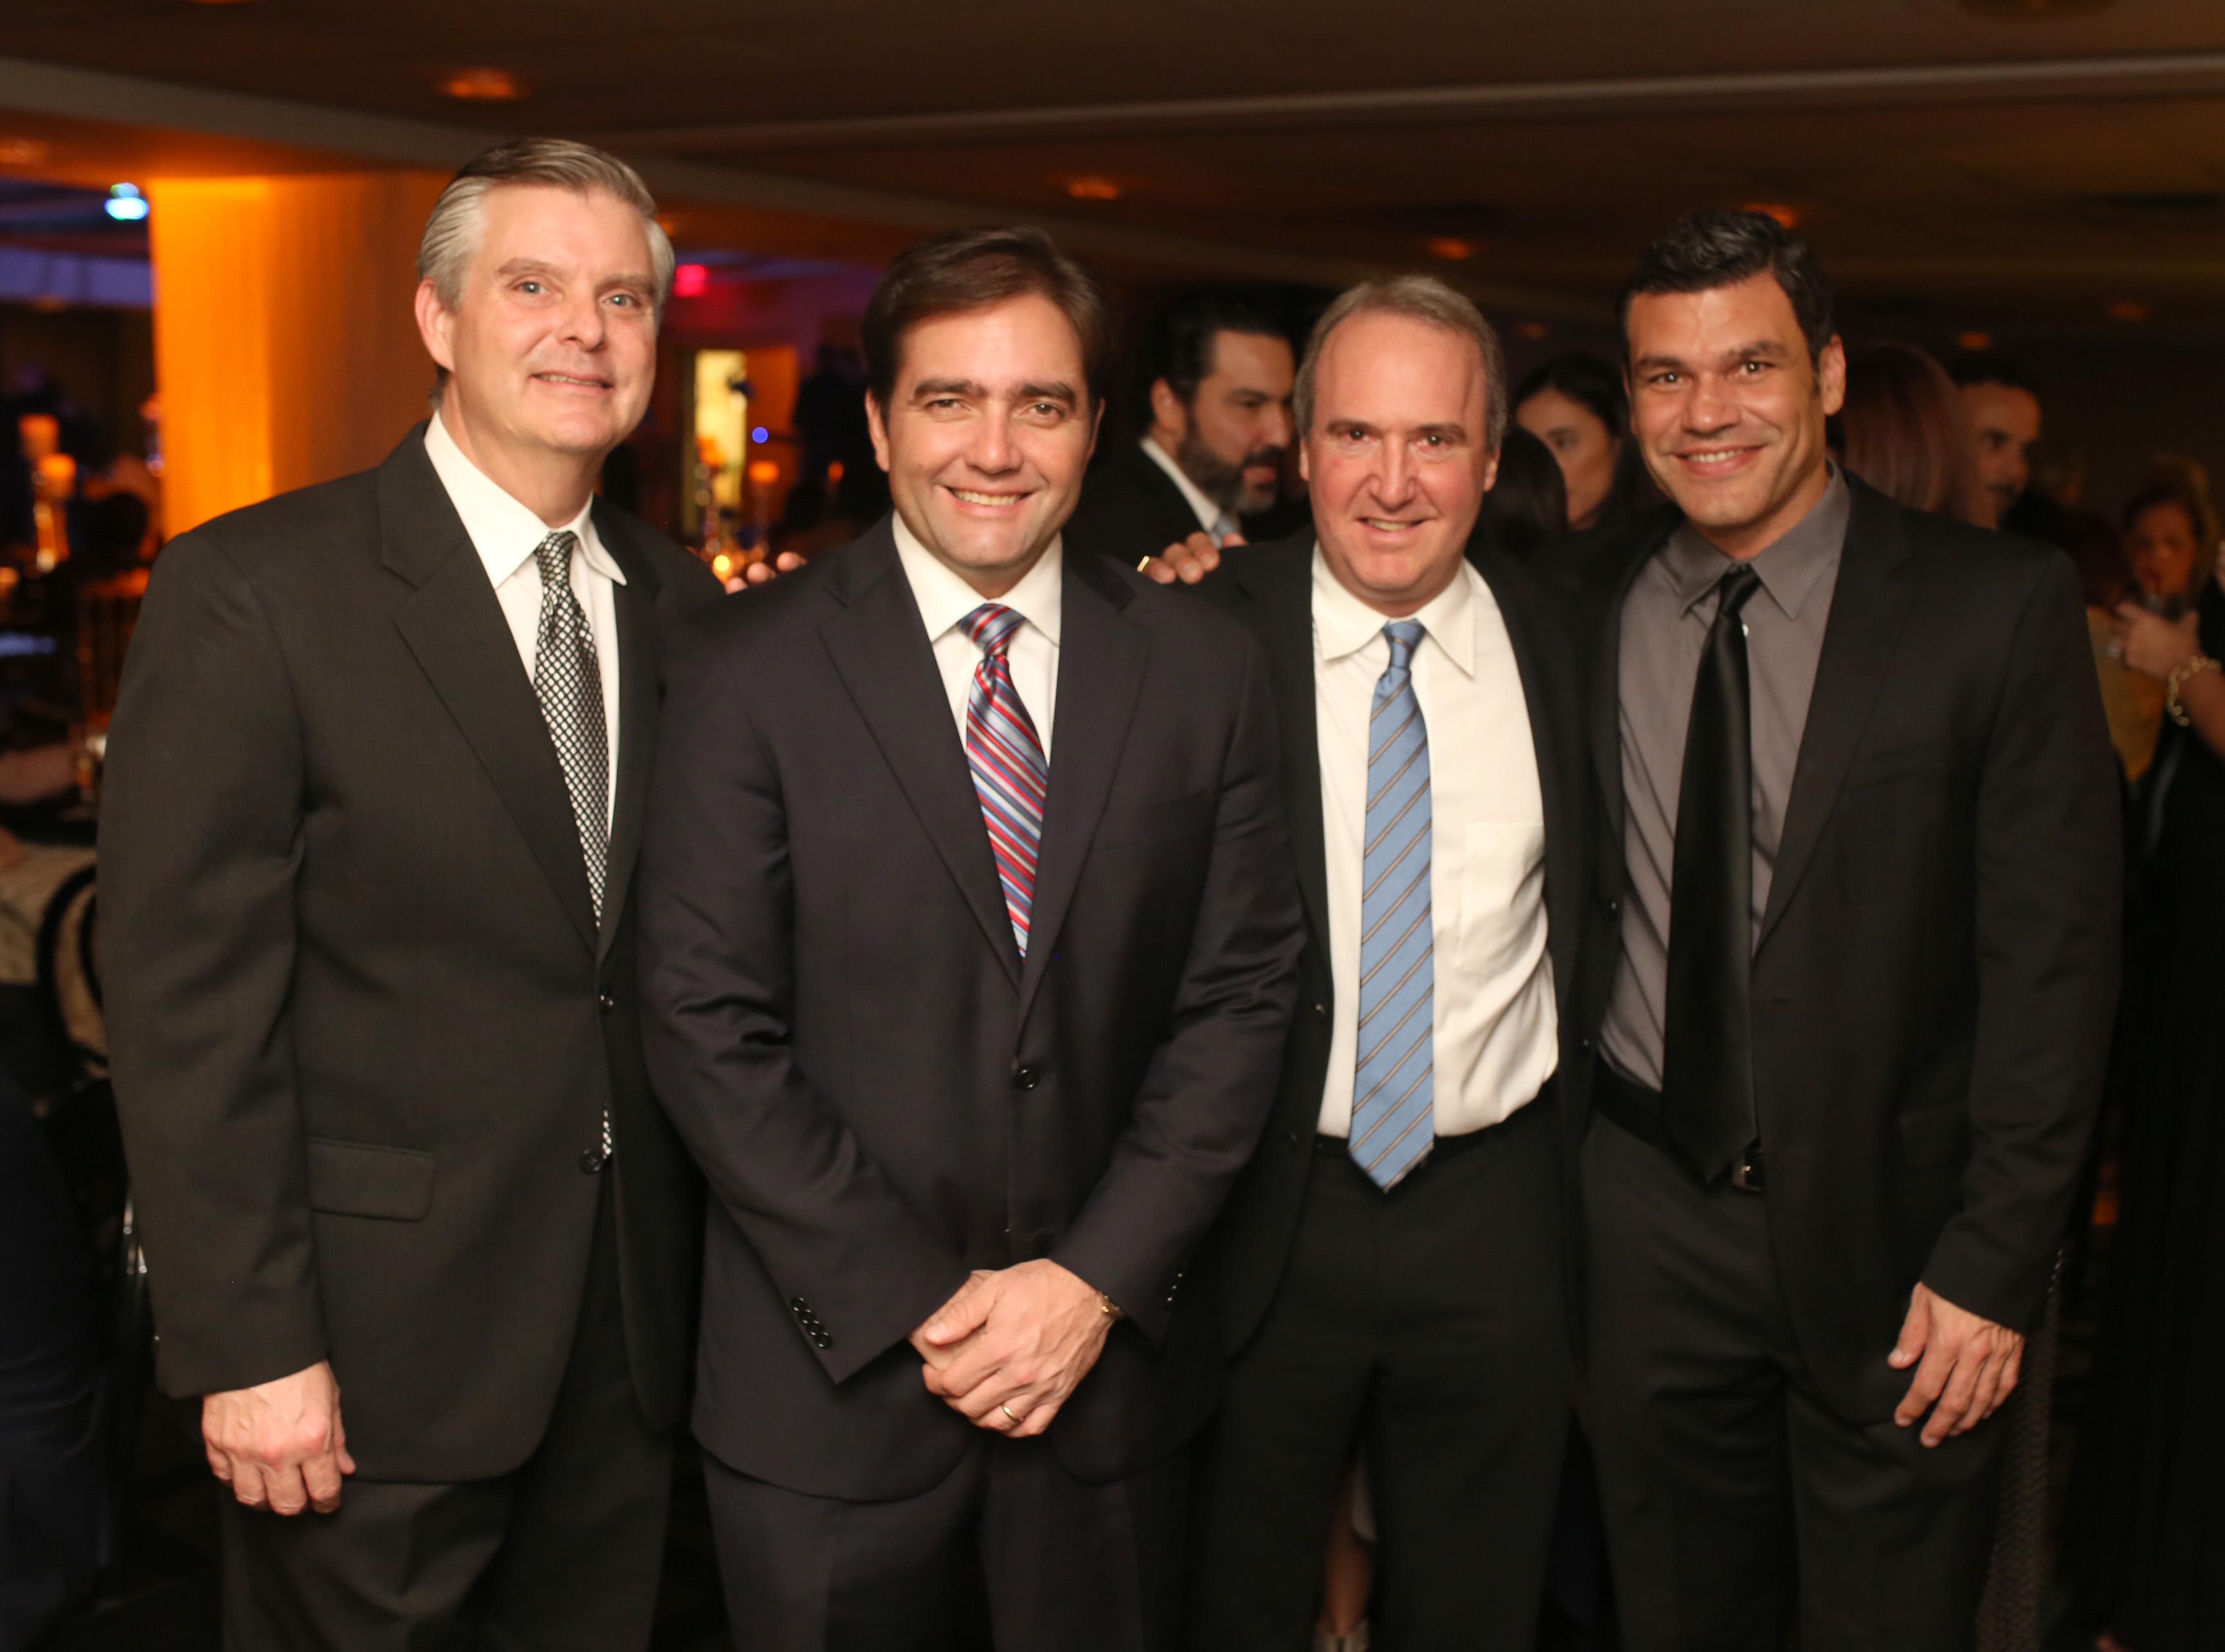 Luis Gautier, Tito Lebrón, Alfredo Santaella y Carlos Vázquez. Foto: José R. Pérez Centeno.